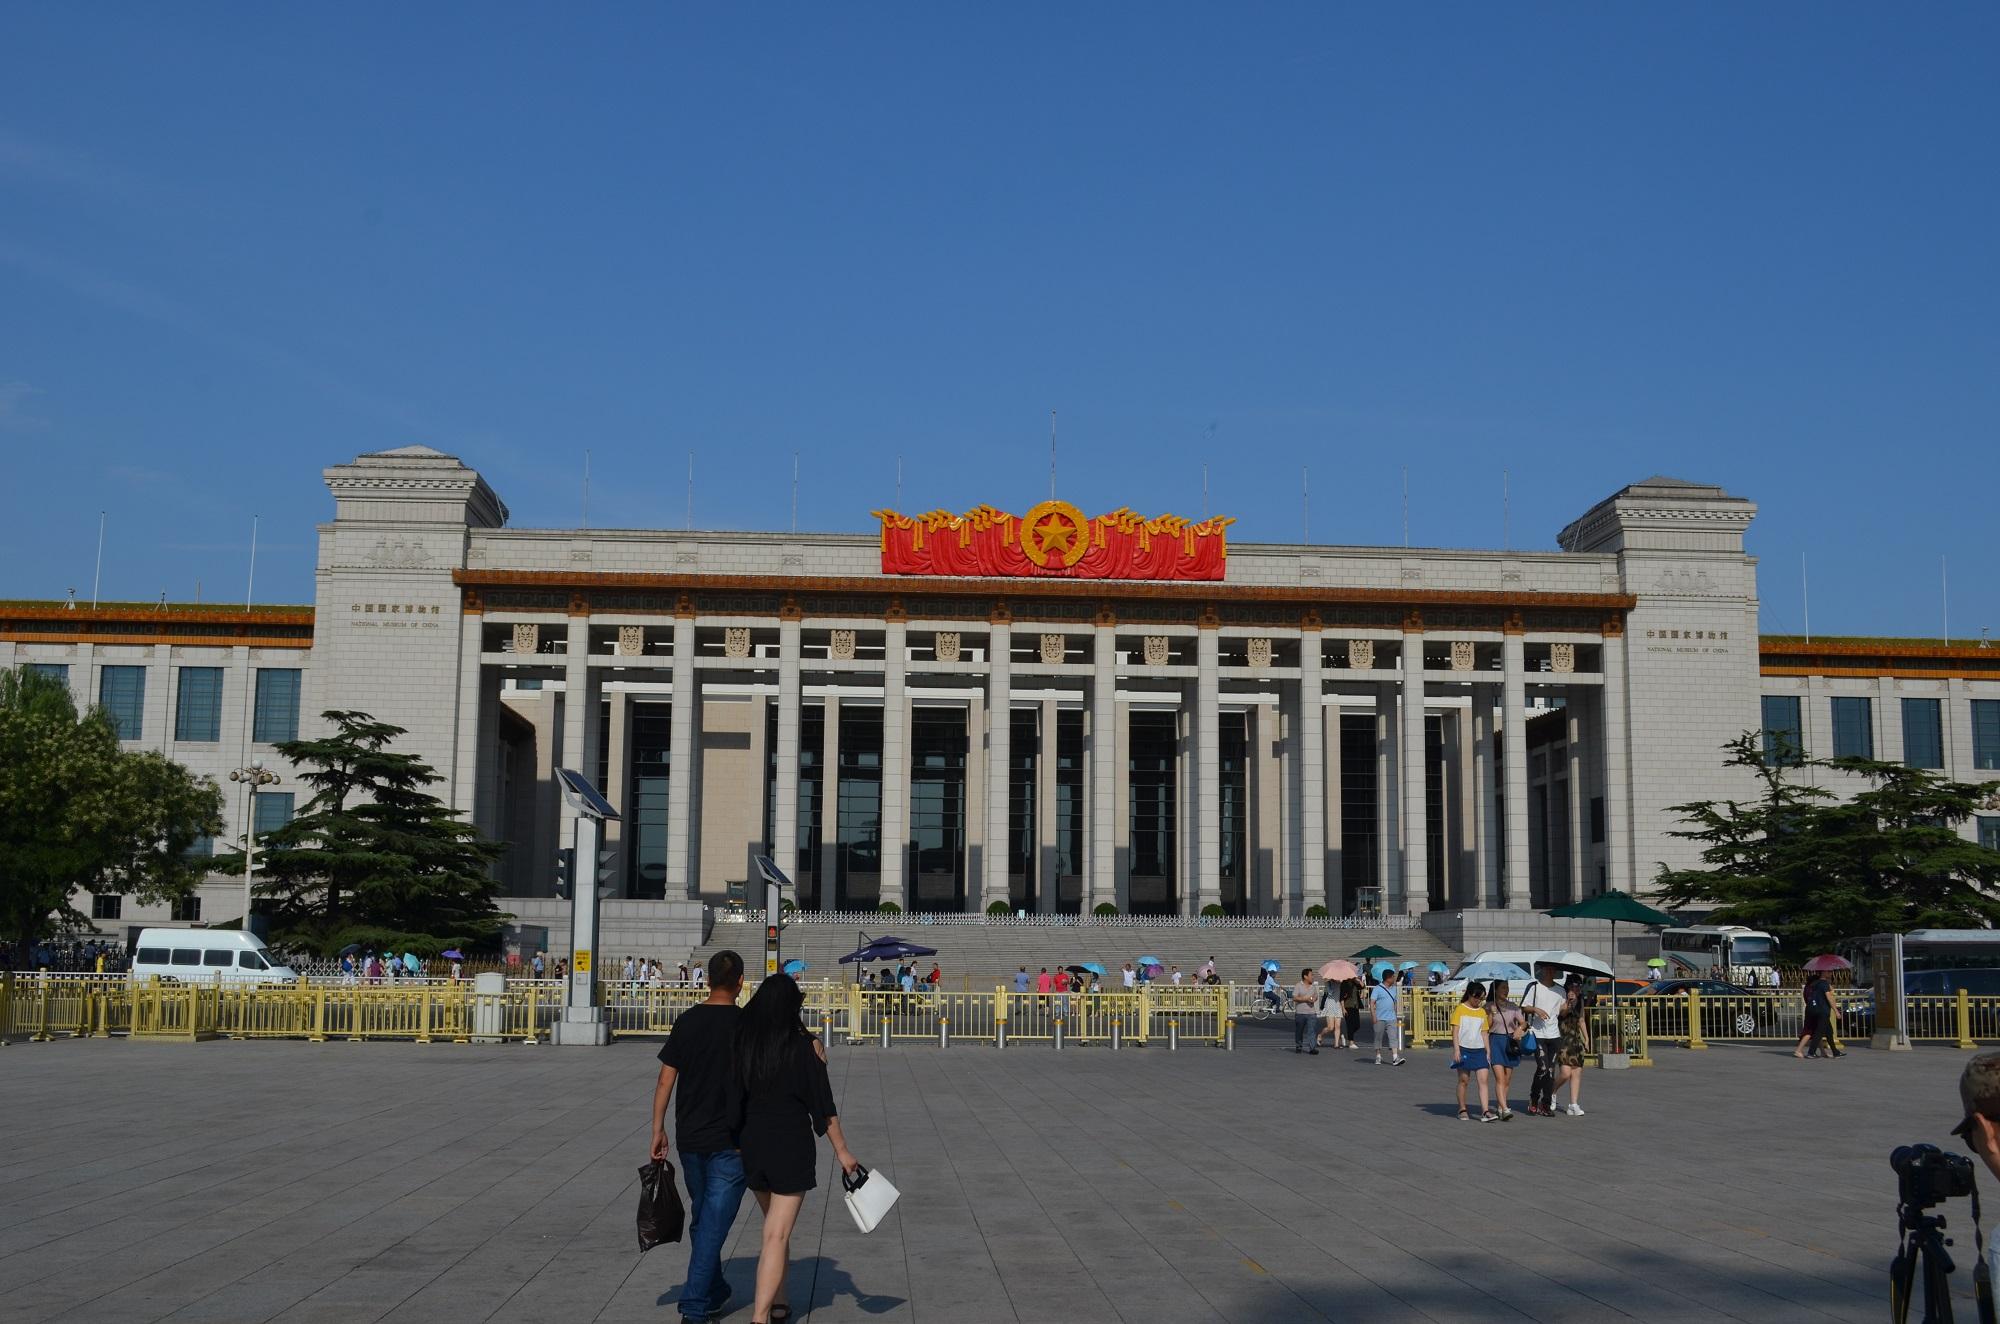 Das Nationalmuseum in Beijing hat eine Beeindruckende Größe.